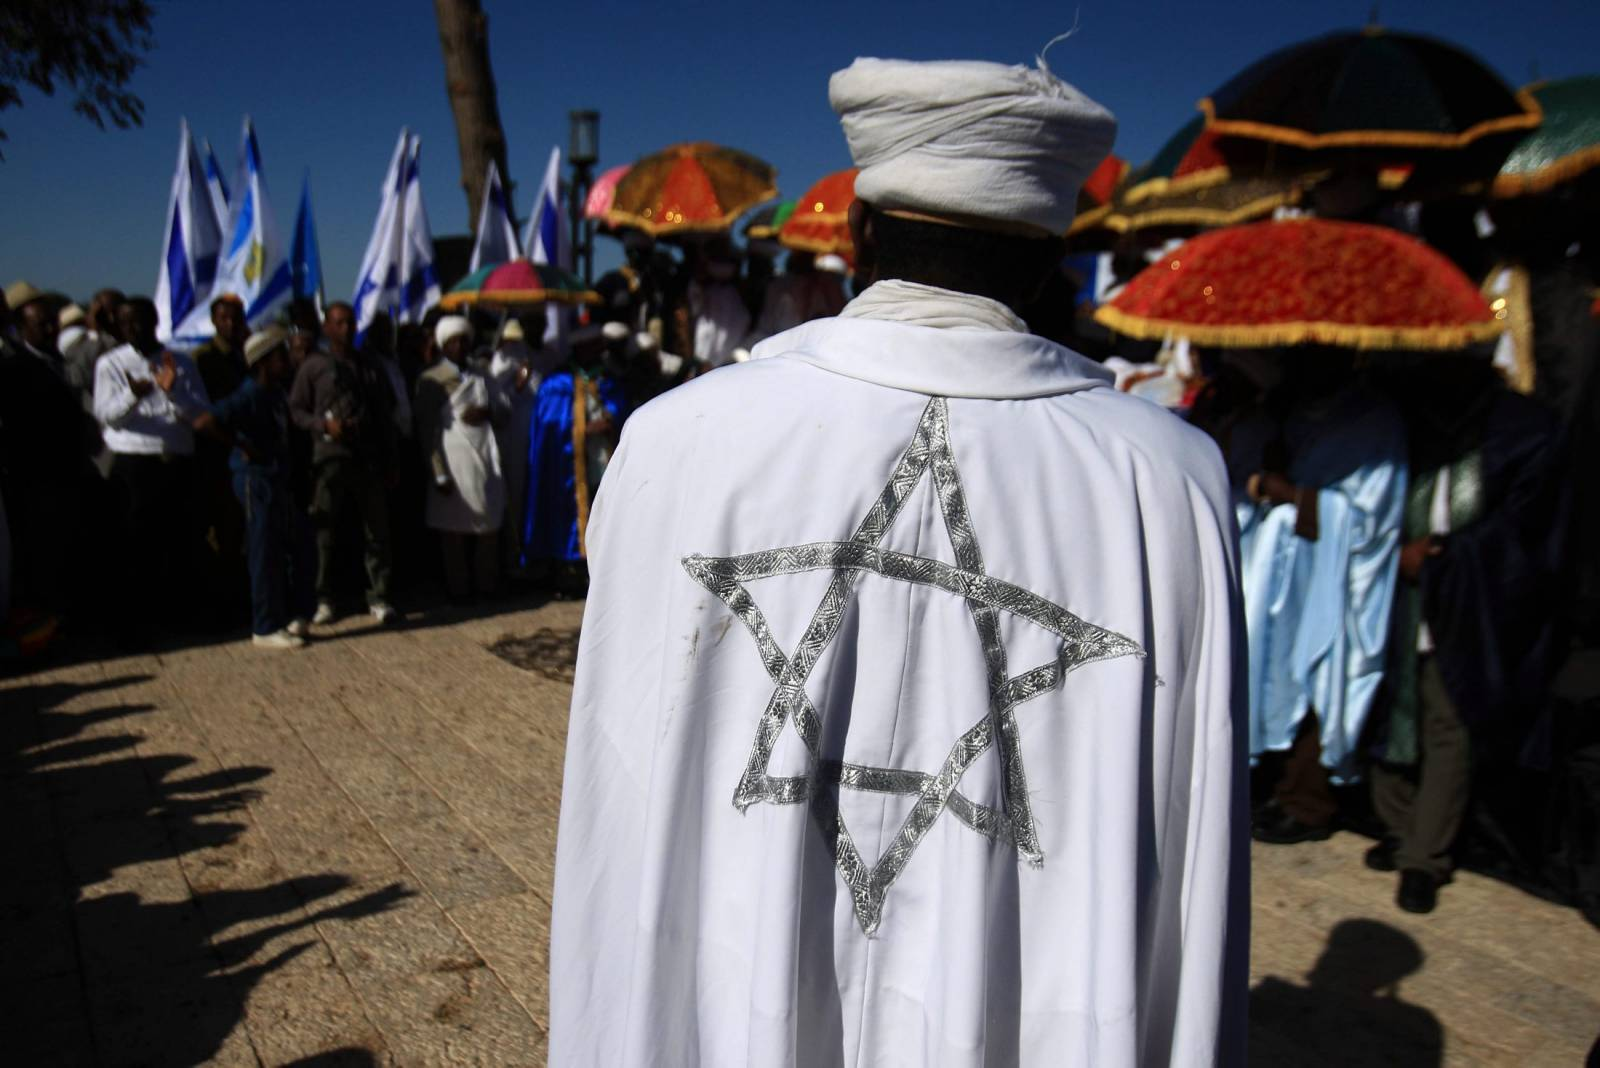 petefészekrák zsidó kézen fogva